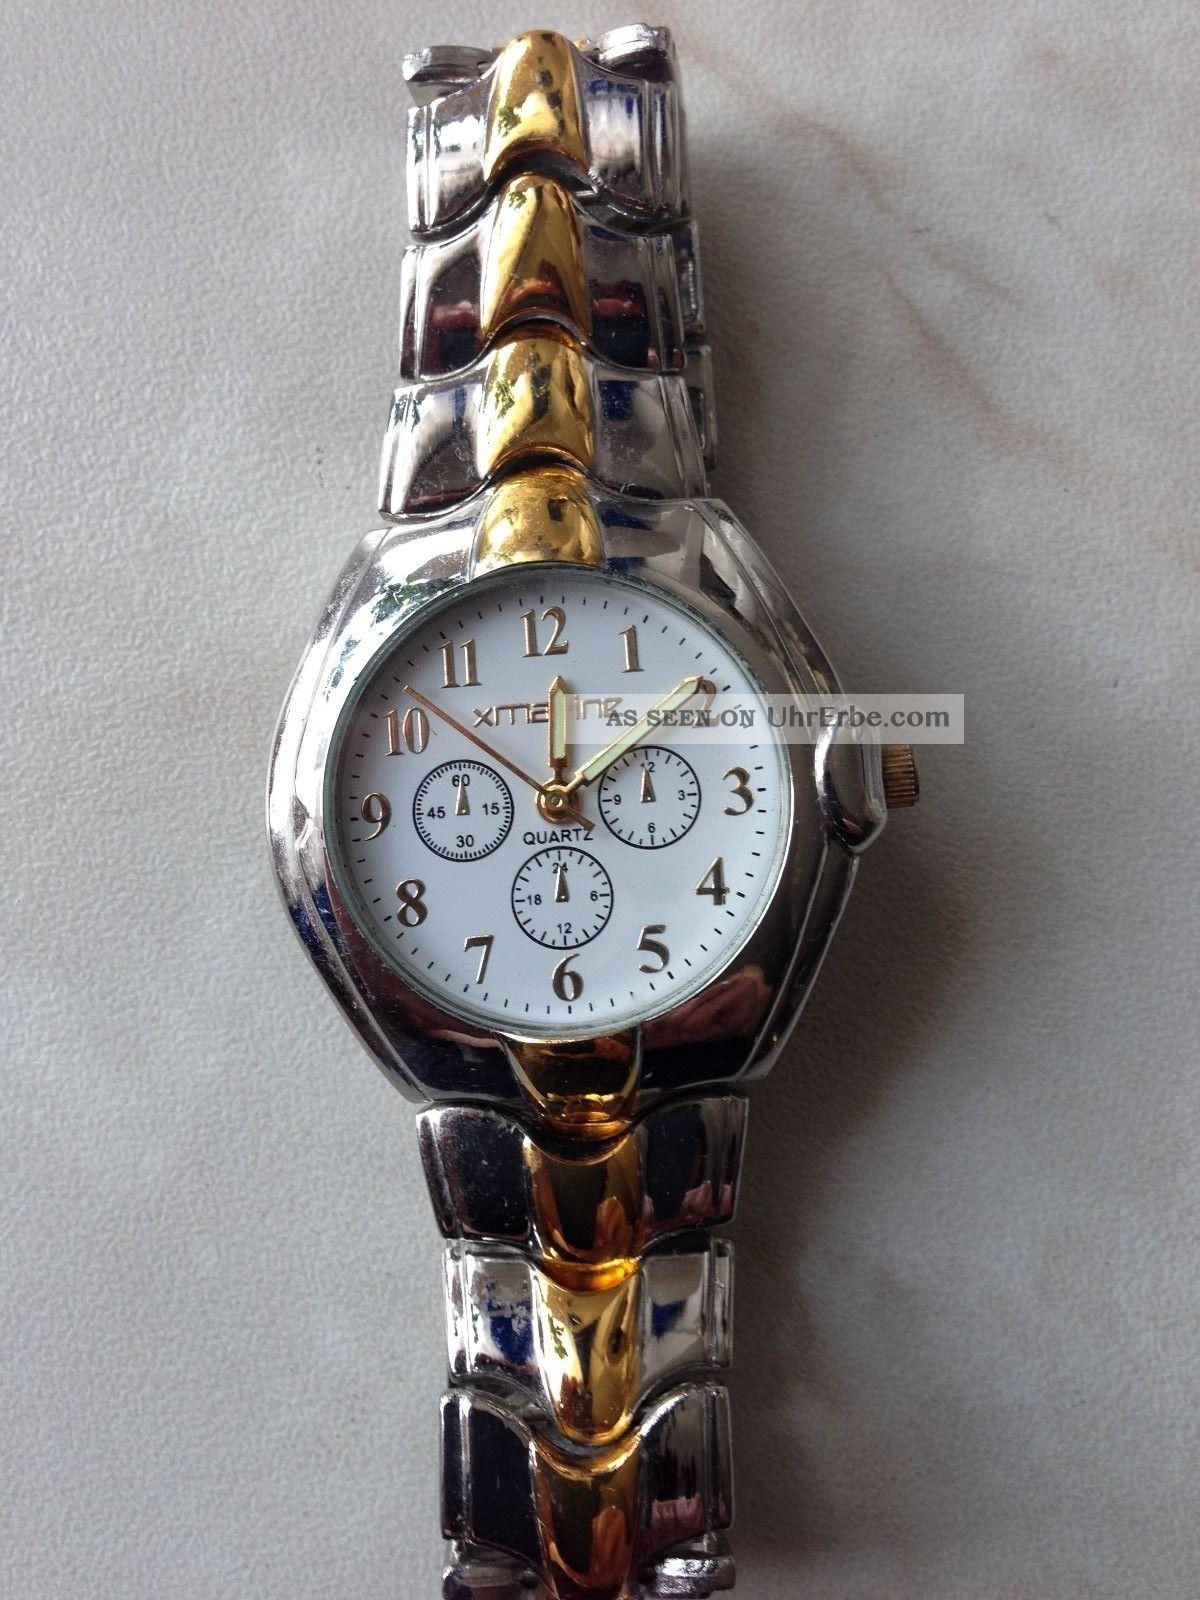 Herren Armband Uhr Von Xmarine Xmarine Watch